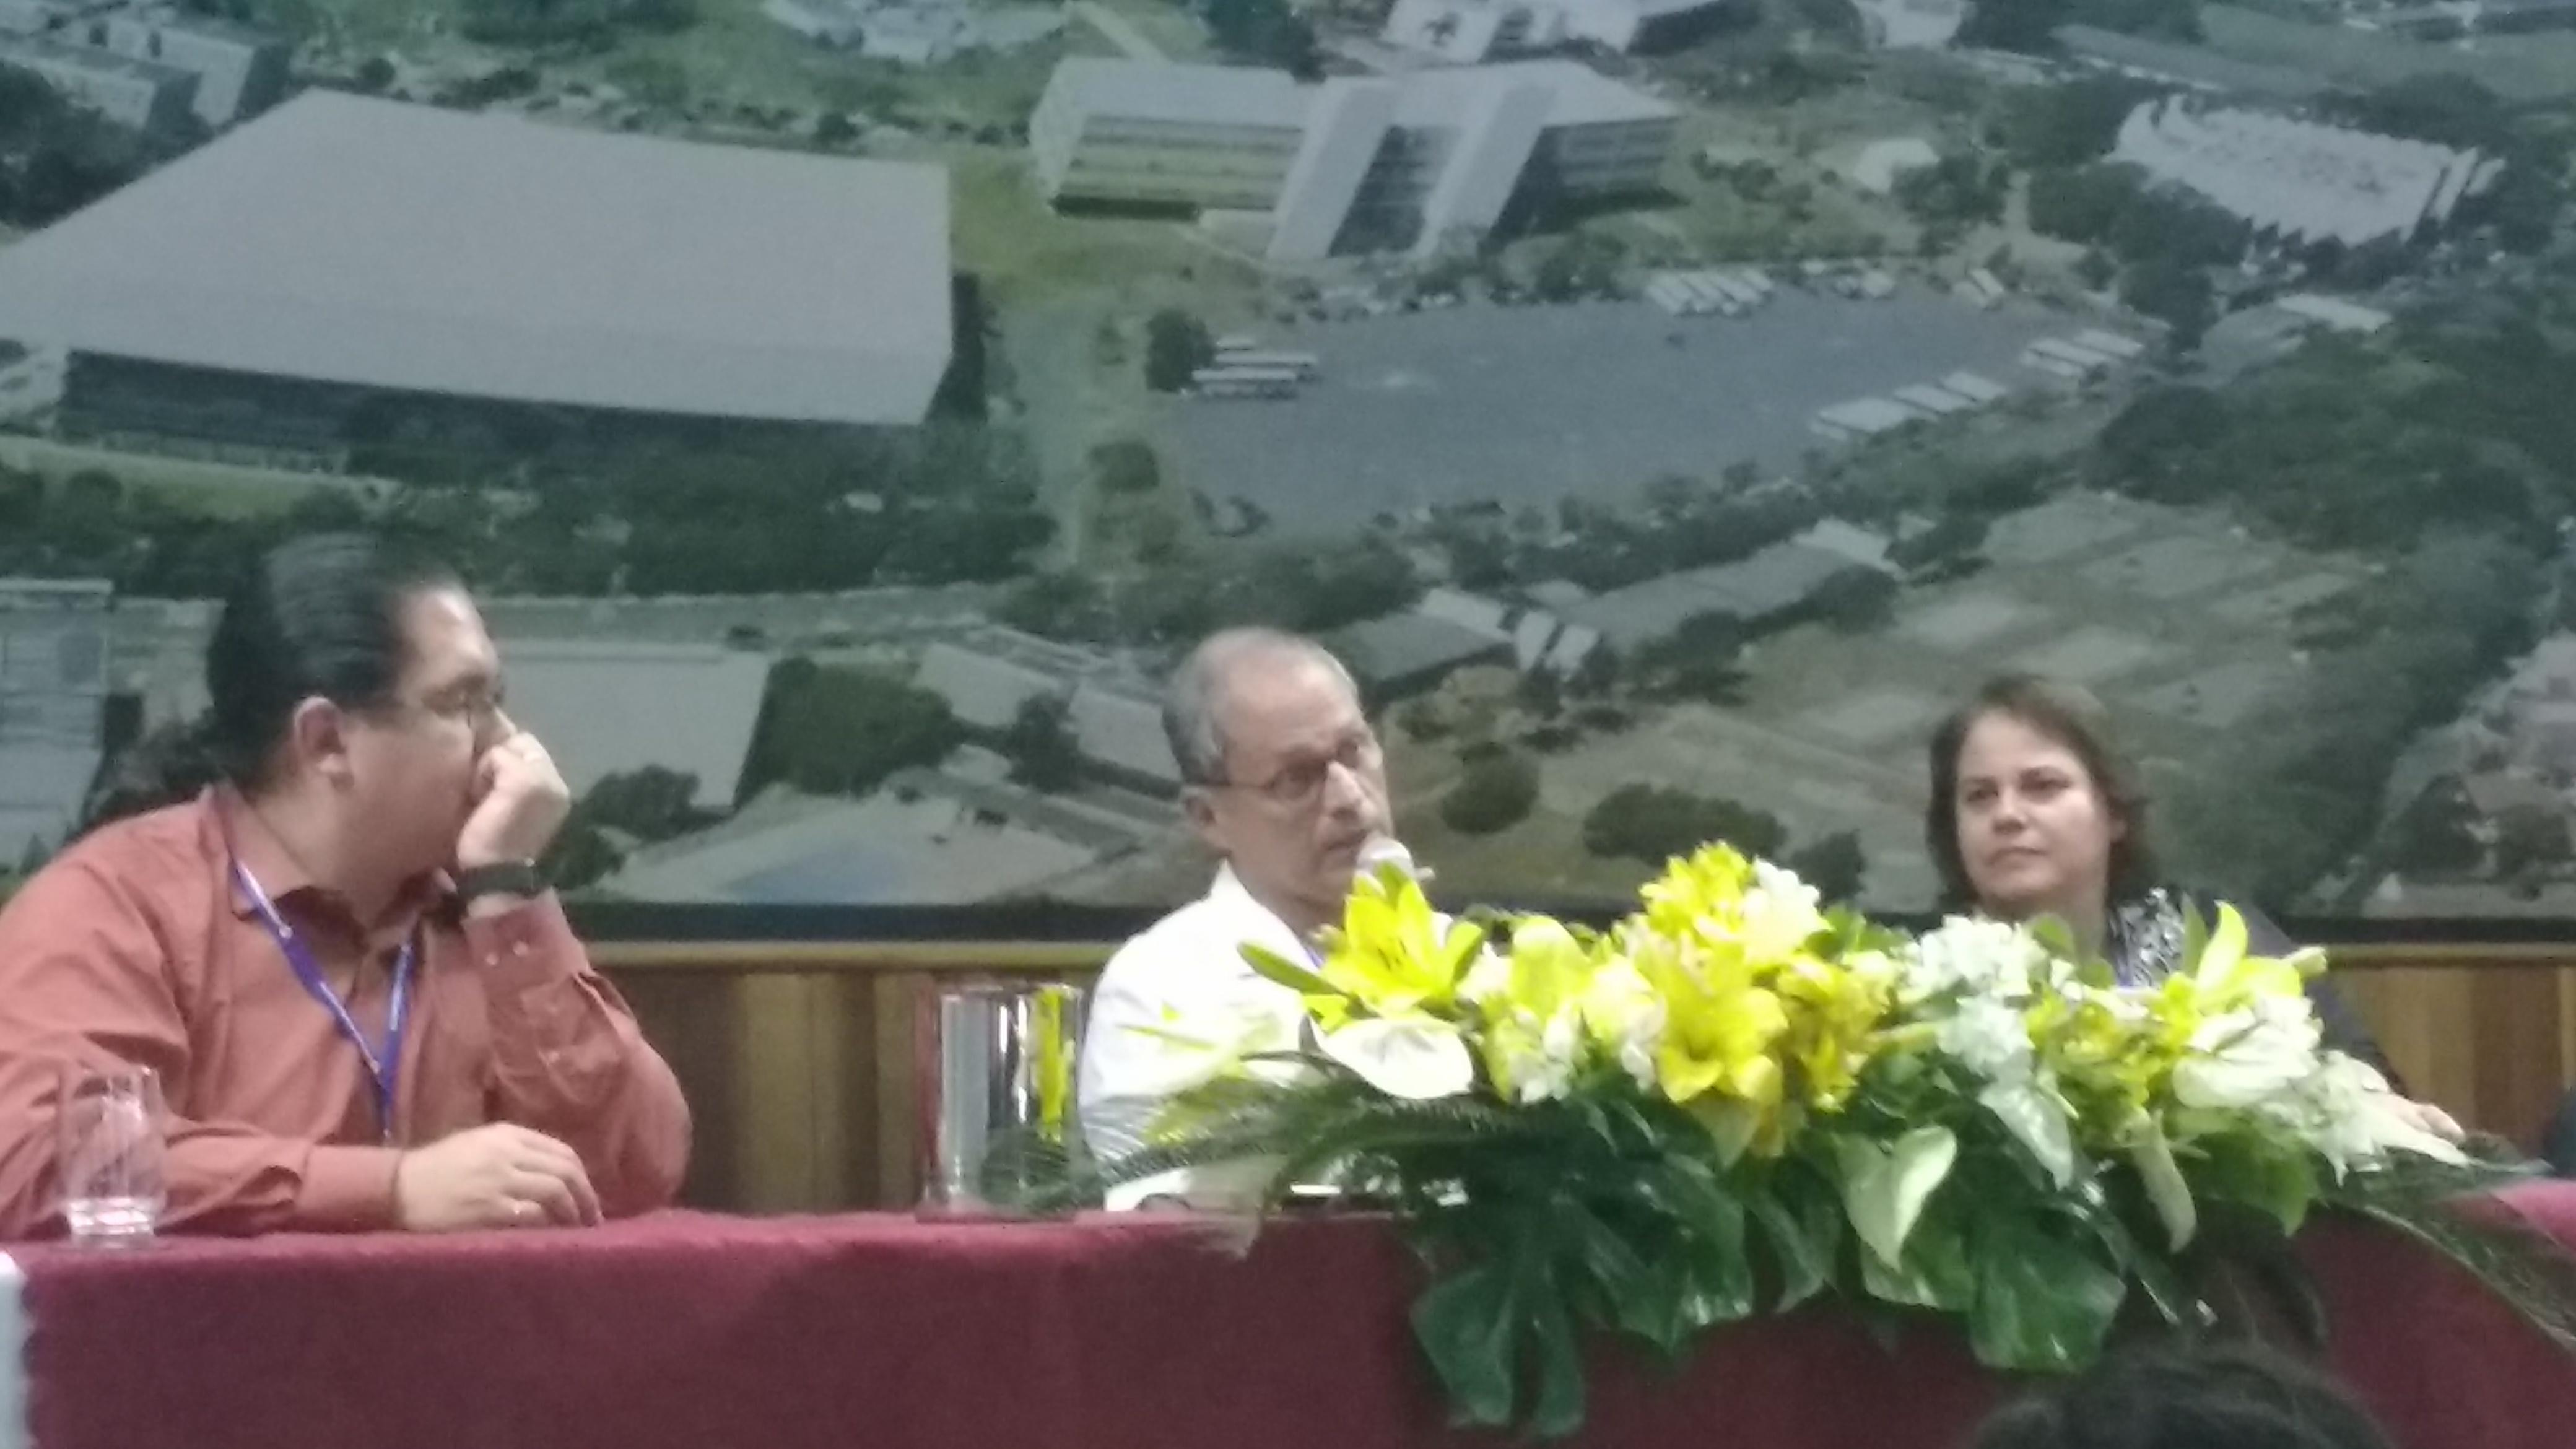 Prof. Dr. Gilberto Jannuzzi no Fórum Permanente: Clima & Saúde, ao lado do Prof.Dr. Plinio Morita e da Profa. Dra. Agma J. M. Traina